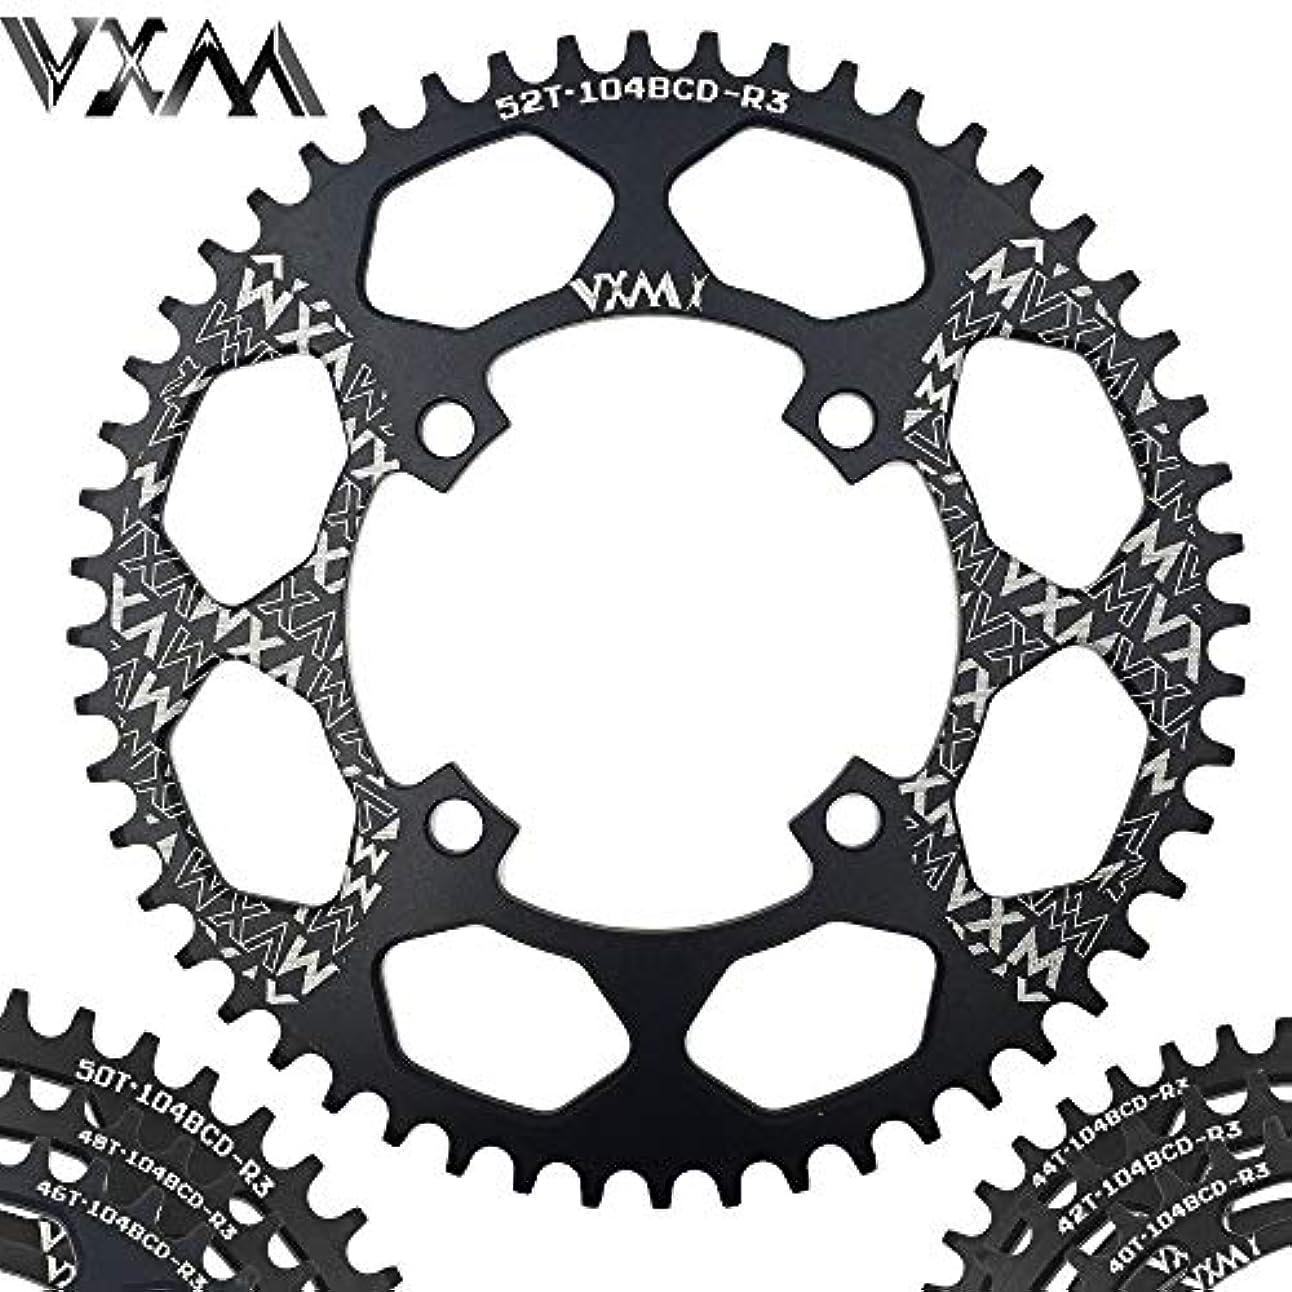 頭曲げる空港Propenary - Bicycle Aluminum Chainring 104BCD 40T 42T 44T 46T 48T 50T 52T Mountain Bicycle Chainwheel Bike Crankset Bicycle Parts [ 104BCD 42T ]